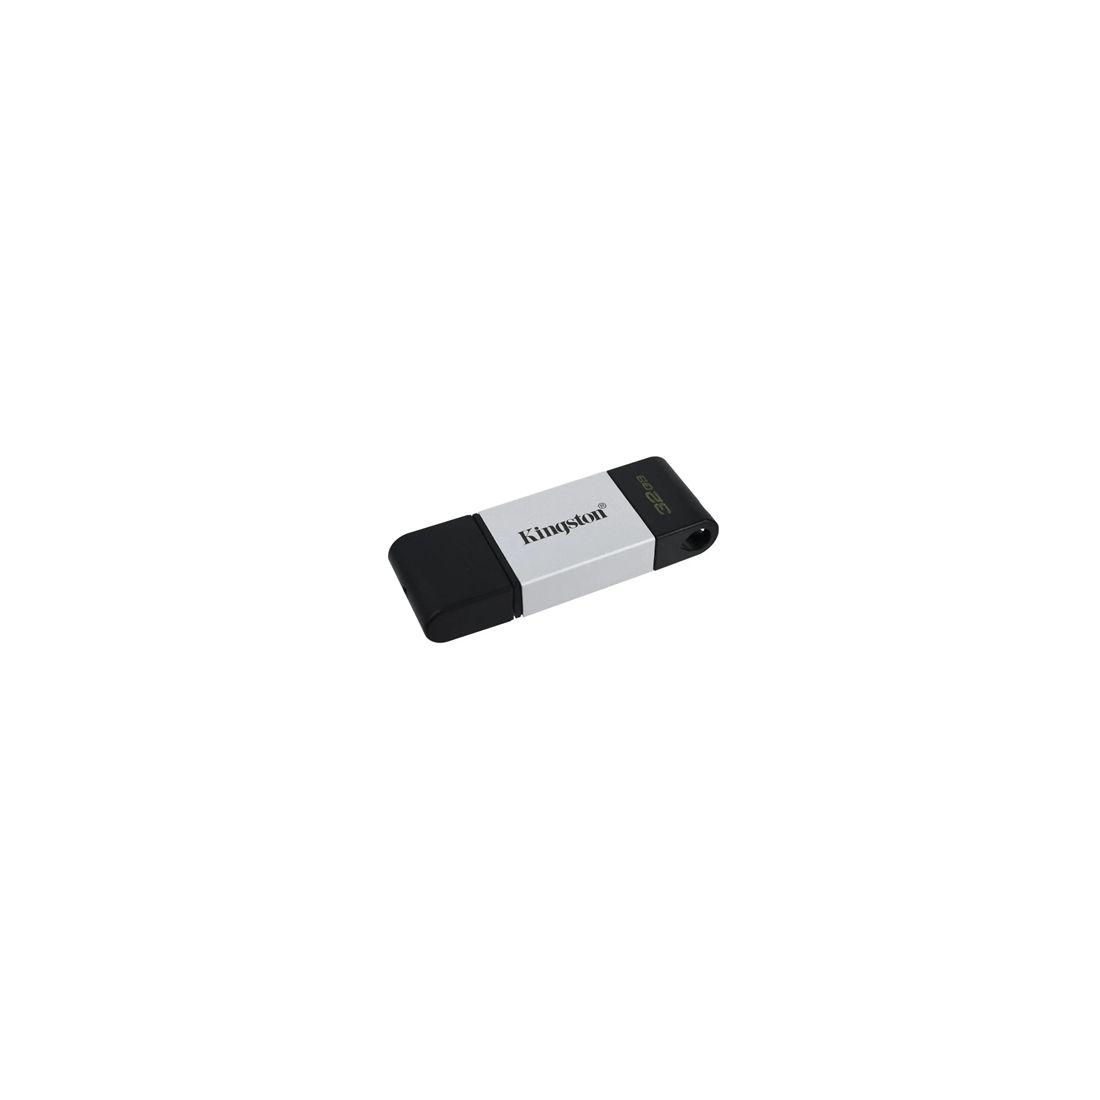 Kingston DataTraveler DT80 32GB USB C 32 Plata